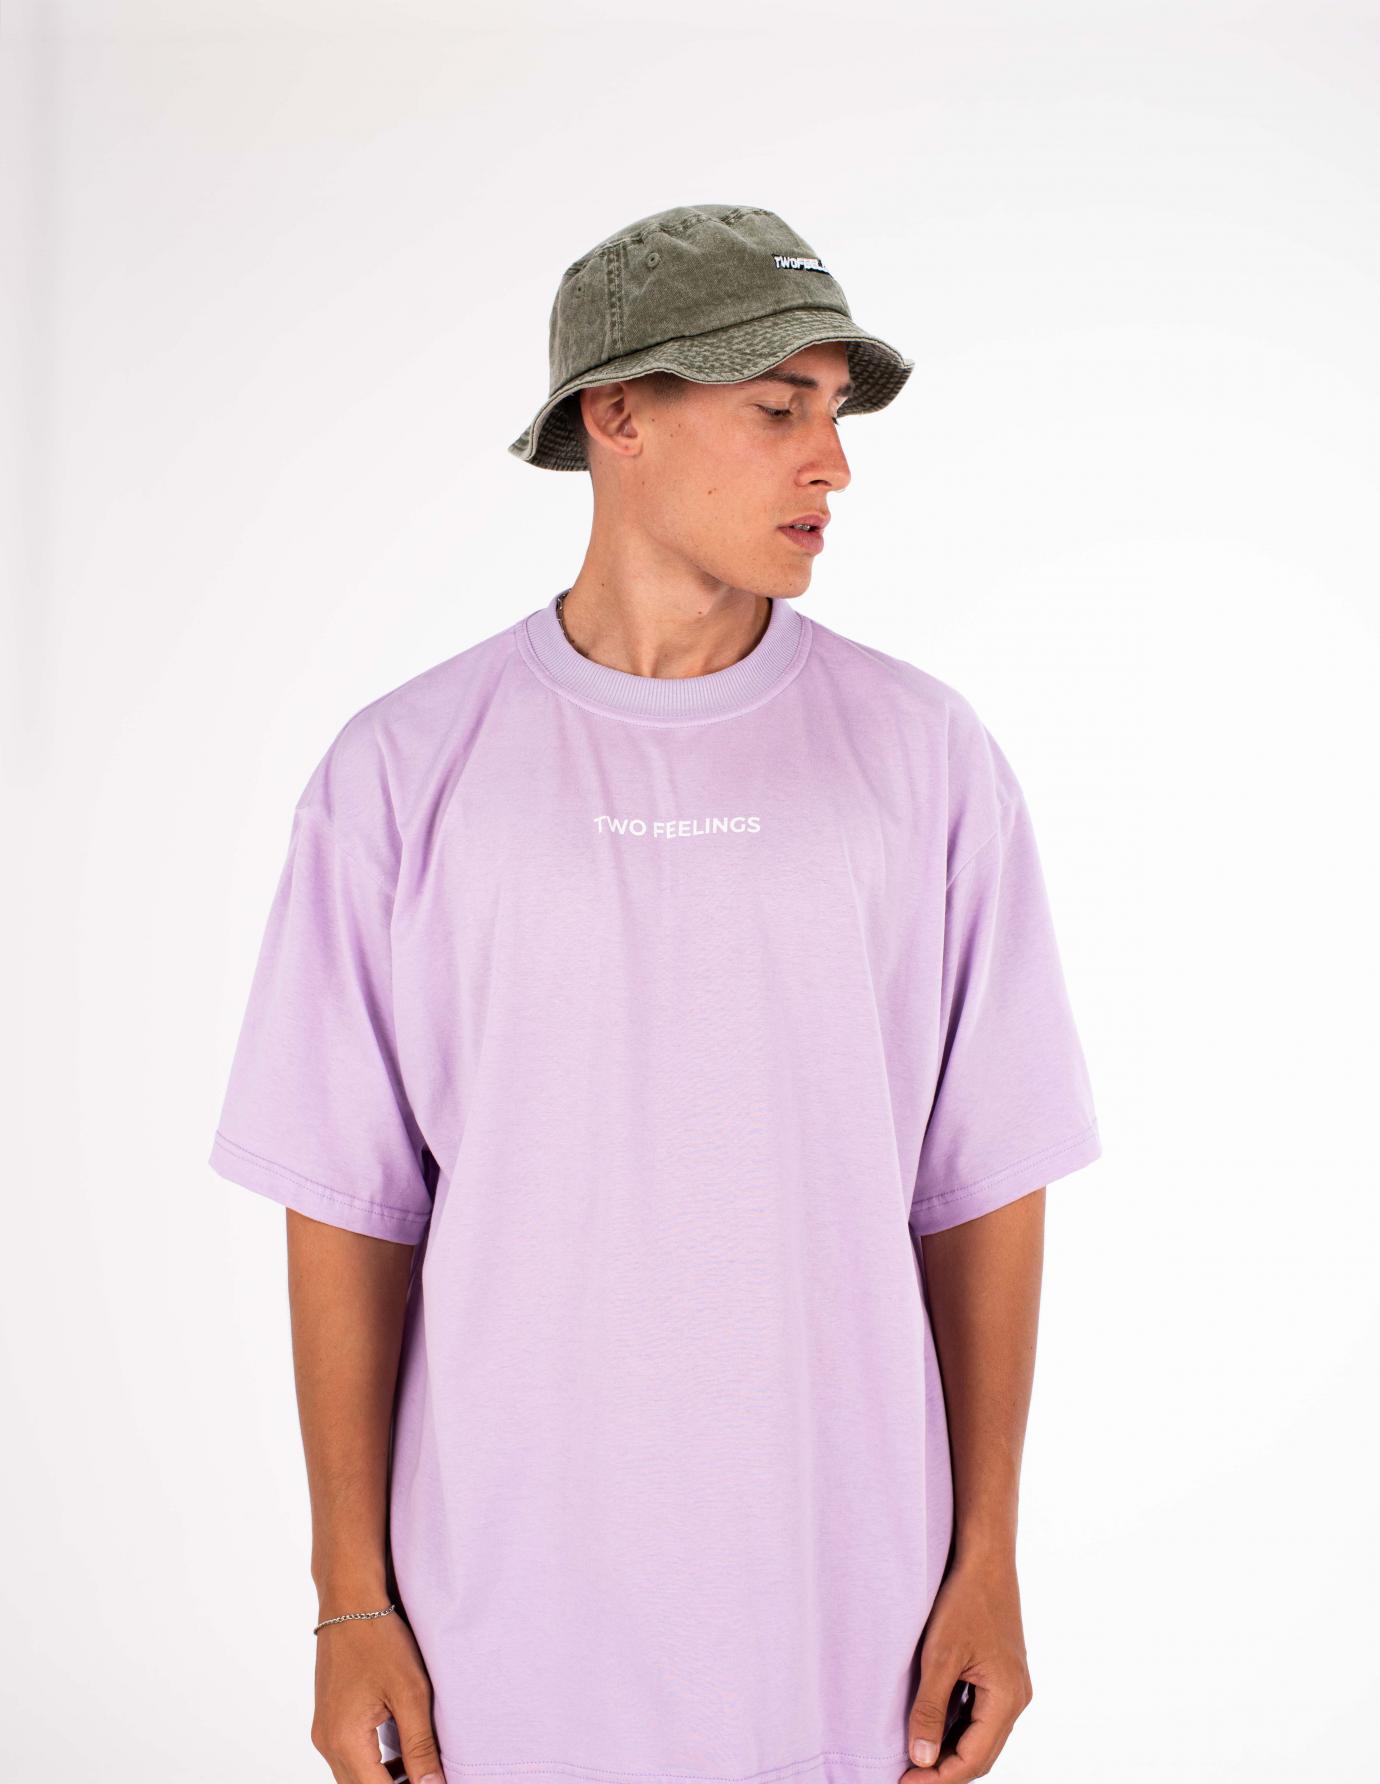 Two Feelings Lilac T-Shirt